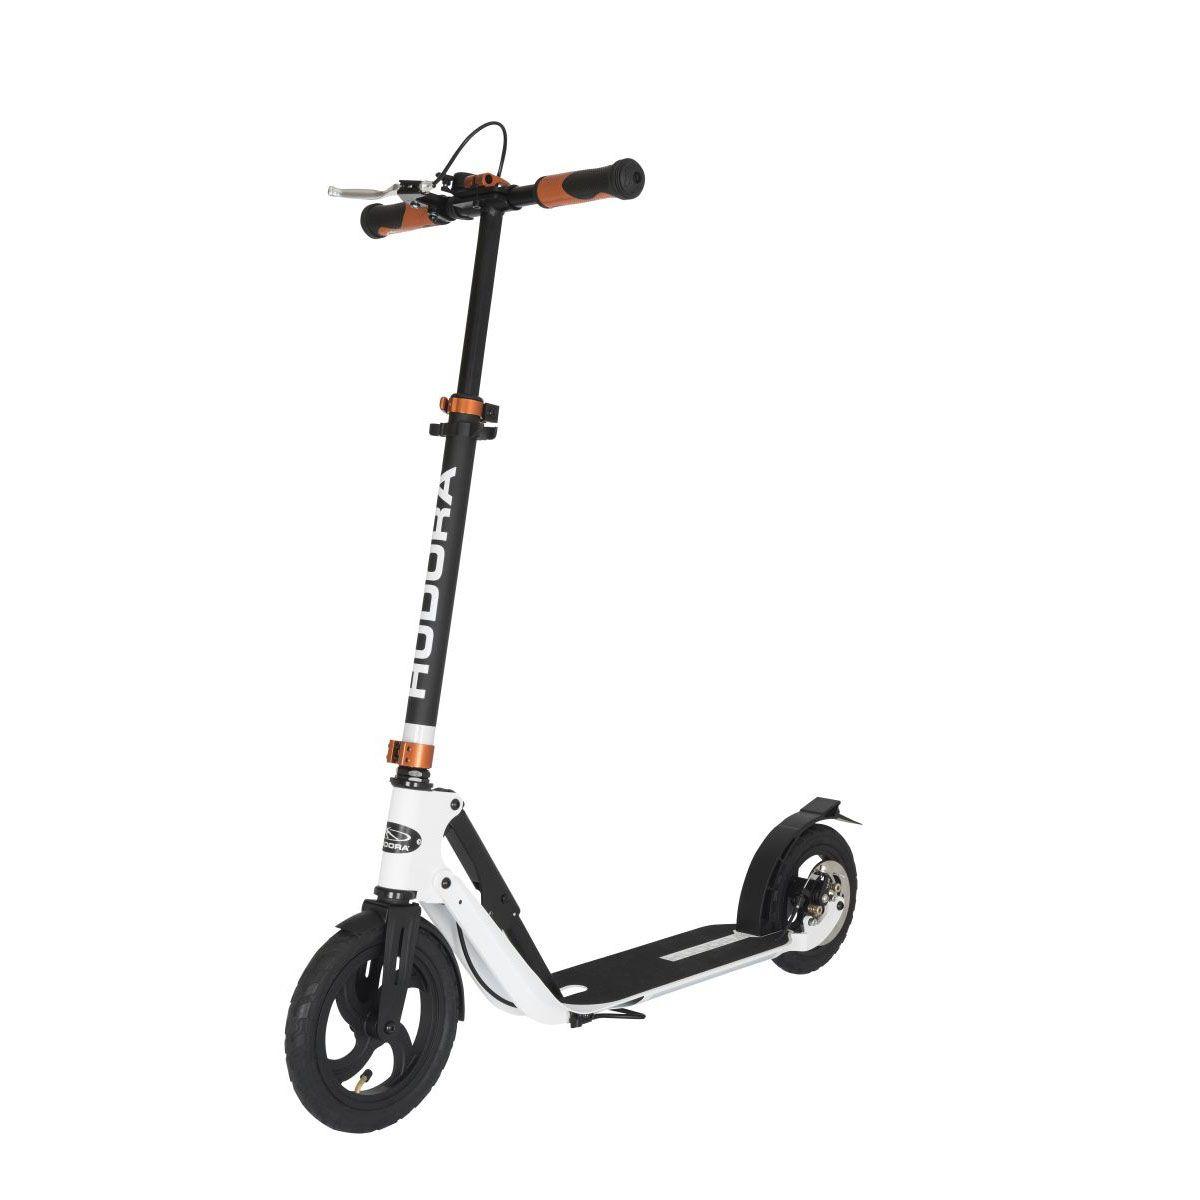 hudora big wheel air 230 roller scooter dual brake ebay. Black Bedroom Furniture Sets. Home Design Ideas